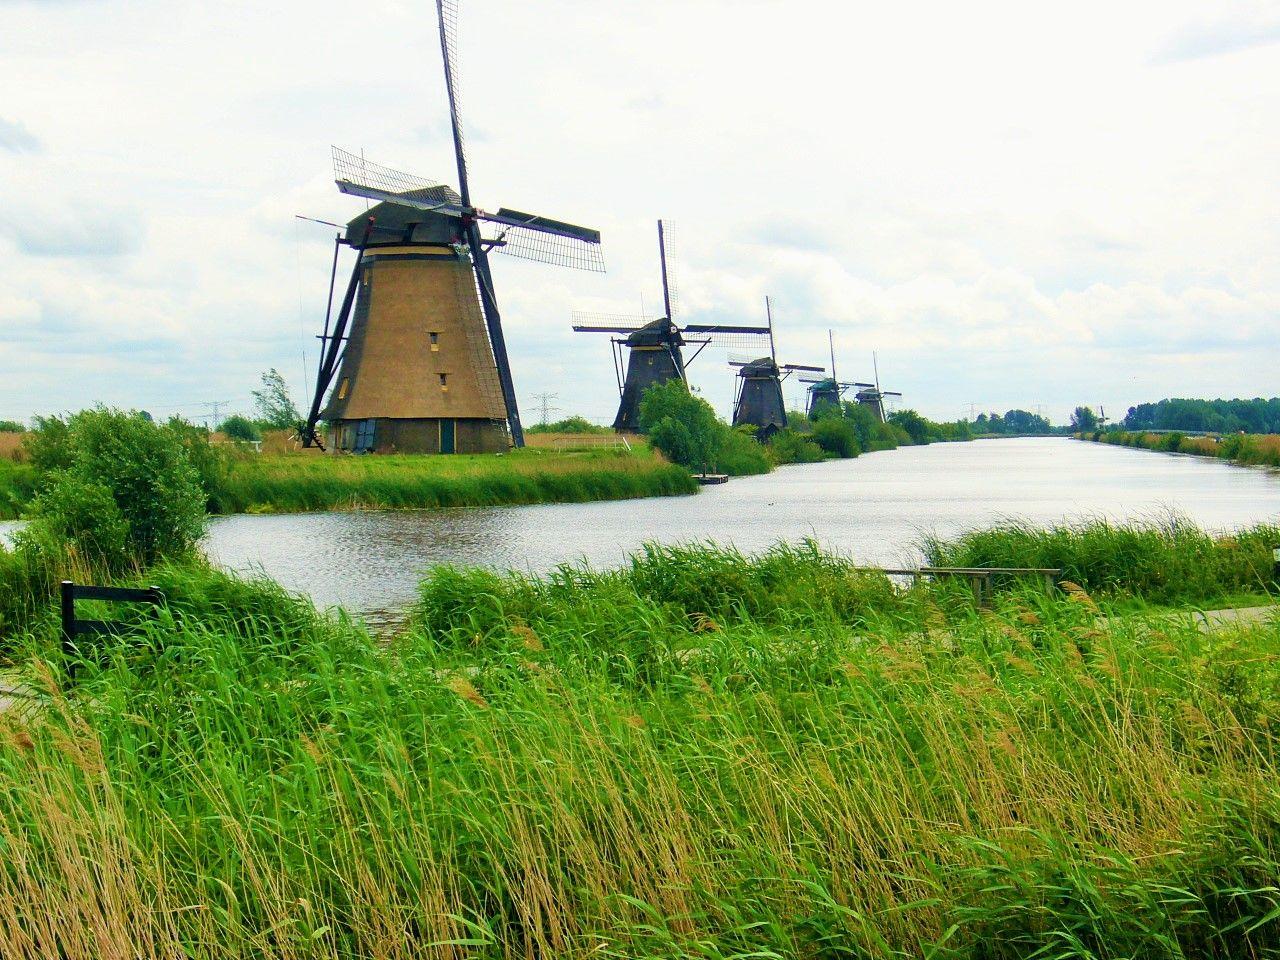 これぞオランダのシンボル!世界遺産キンデルダイクの風車